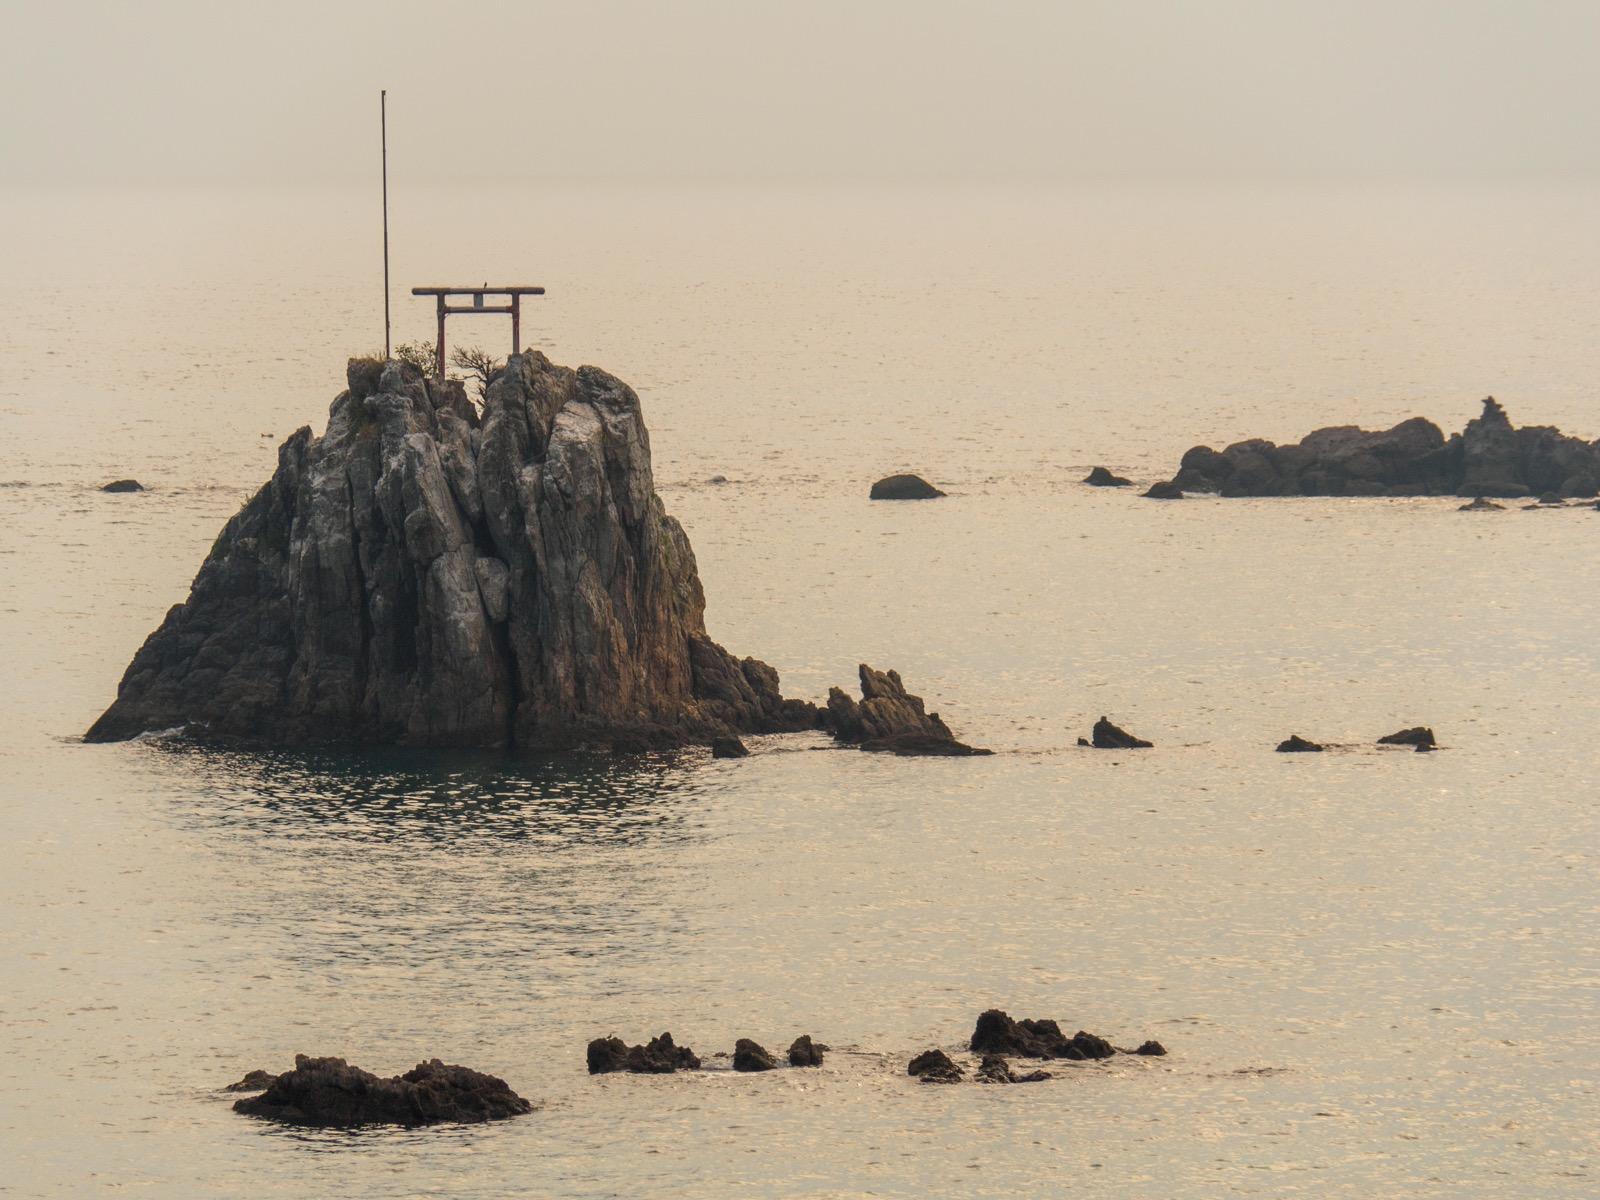 牛ノ浜駅前から見た、牛之浜海岸の鳥居のある岩